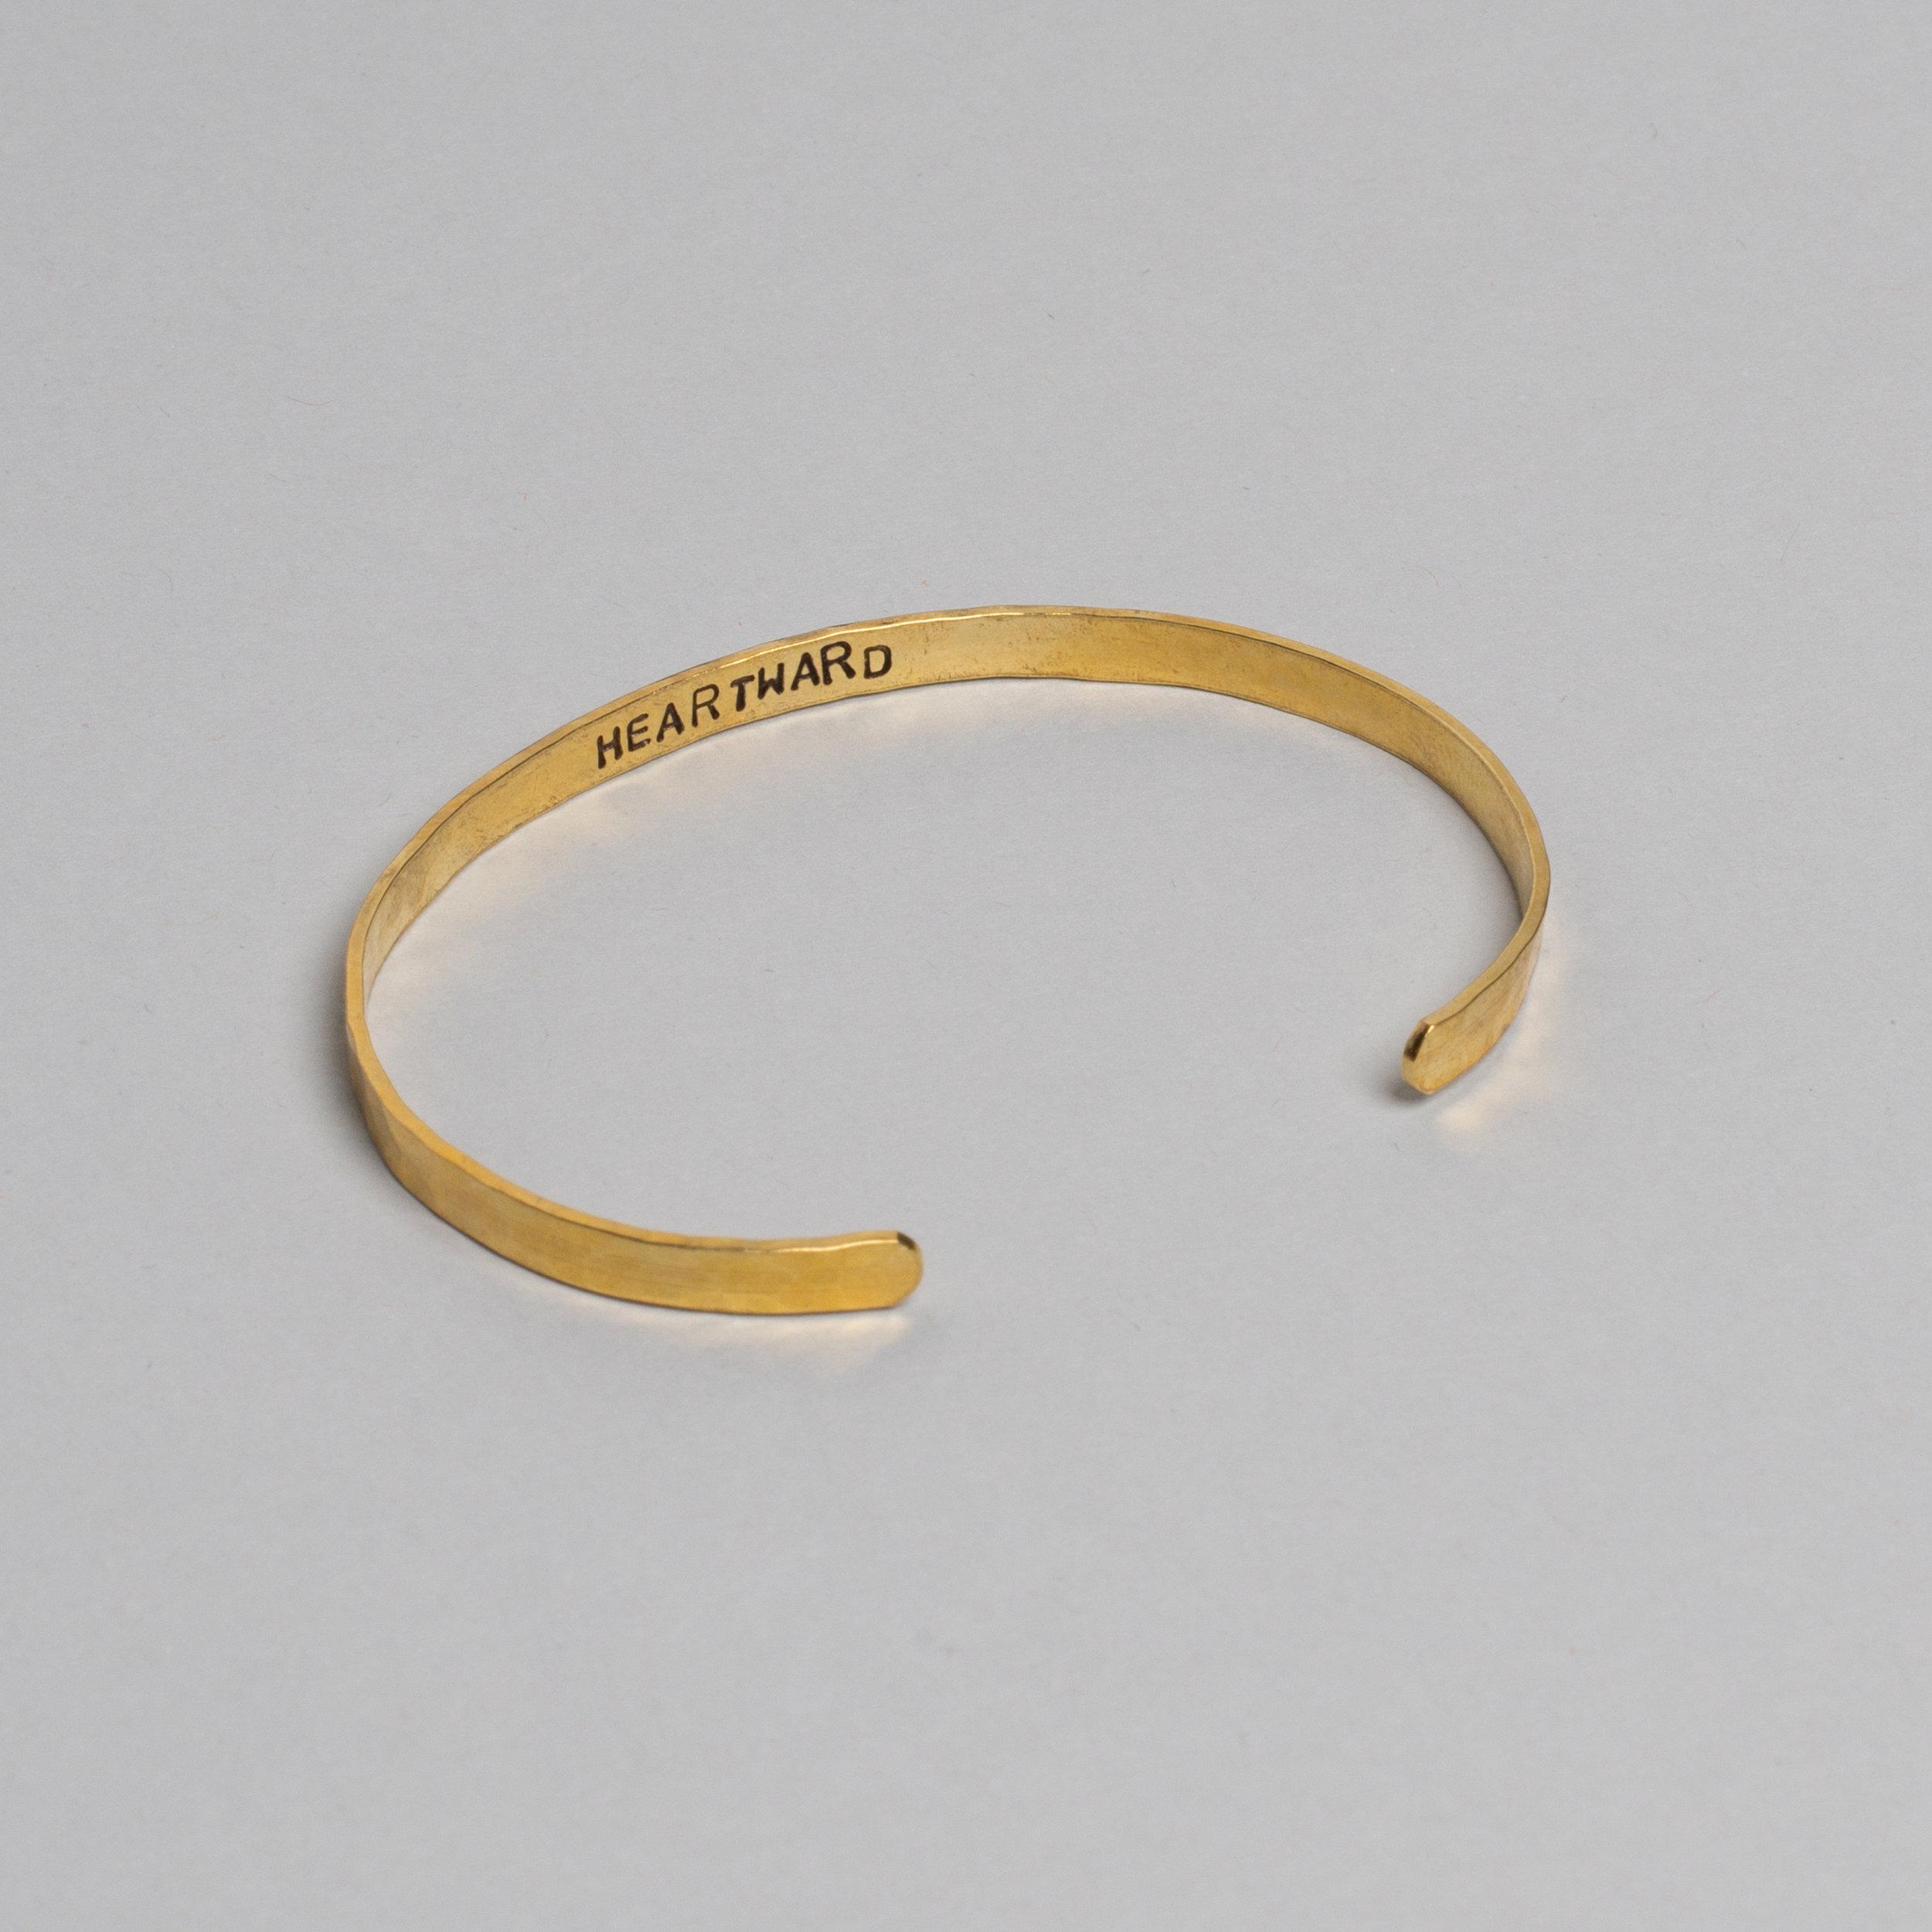 Heartward_bracelet_Heartward.jpg